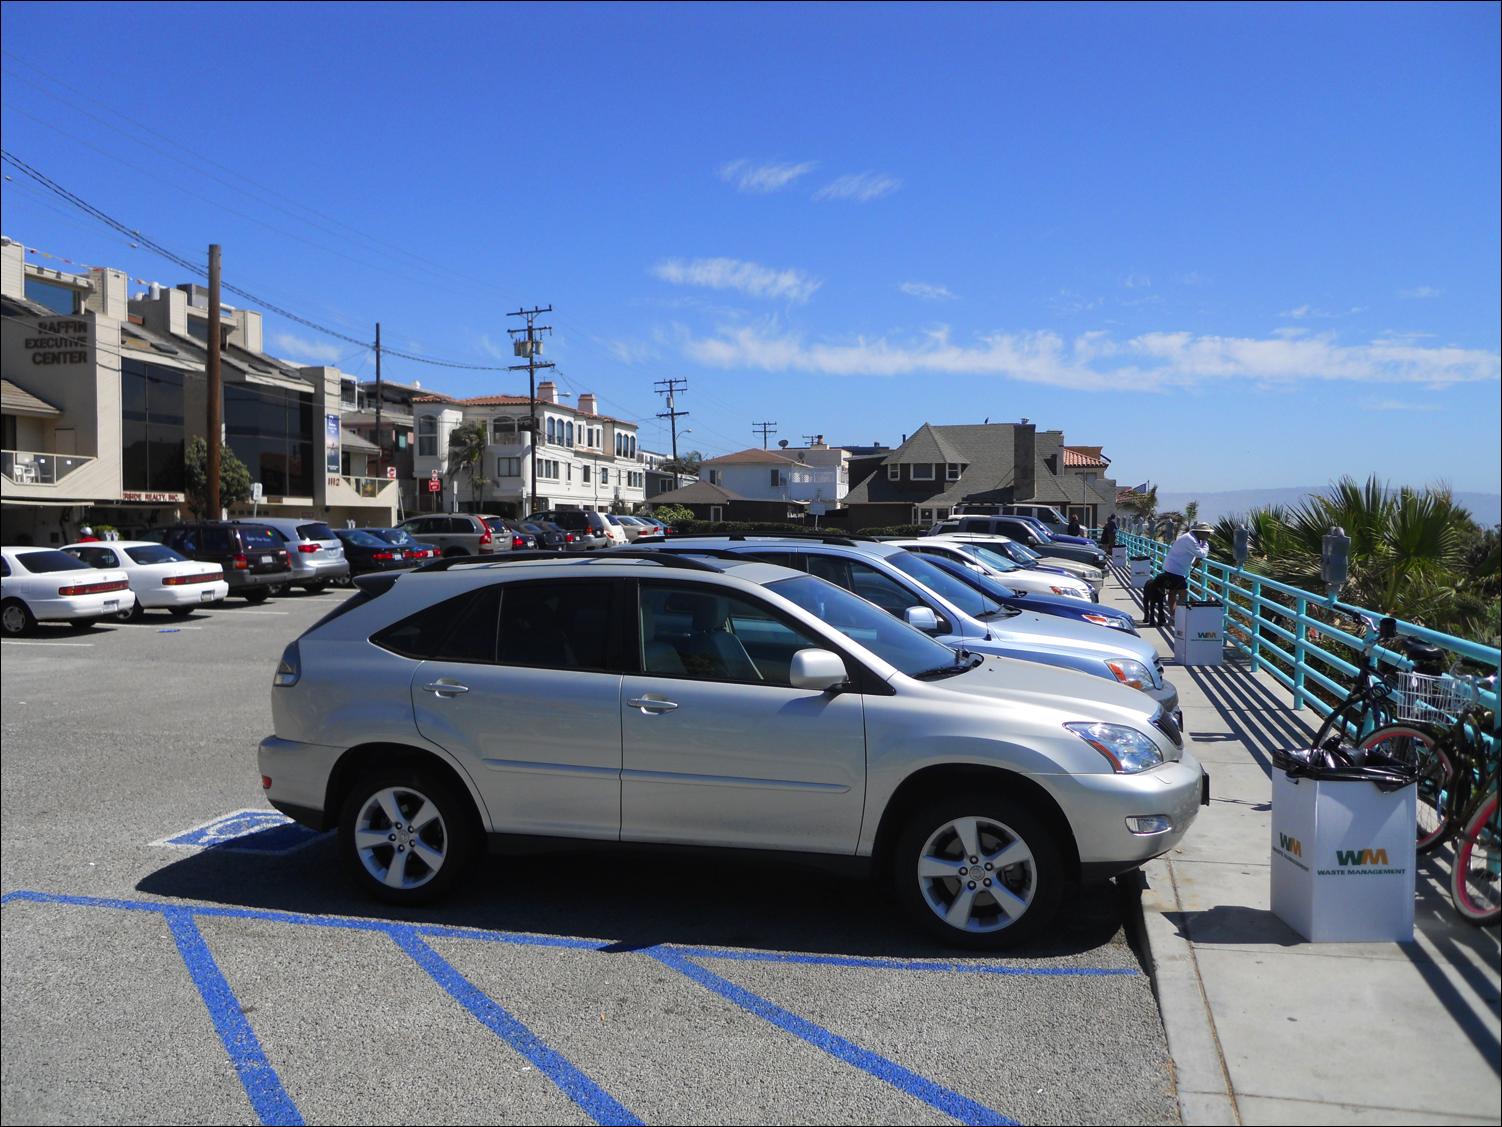 Picture PlusPng.com  - Car Parking Lot PNG